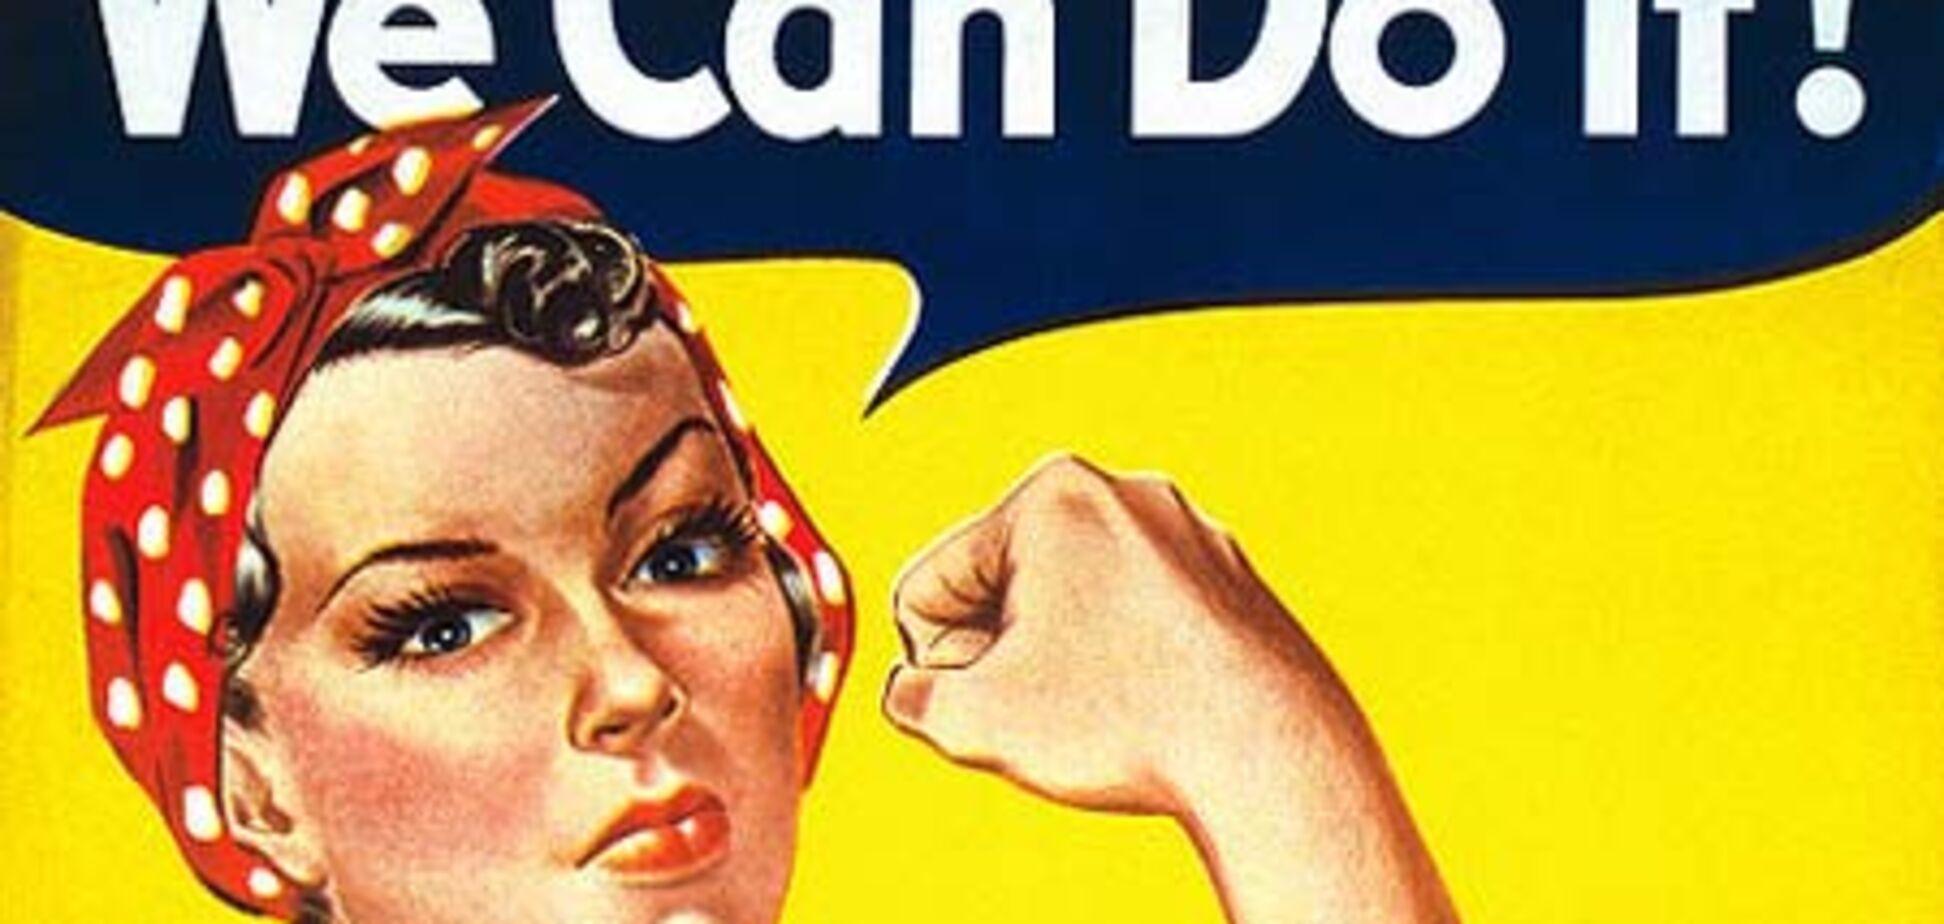 Модель с плаката 'We Can Do It!' умерла в возрасте 86 лет